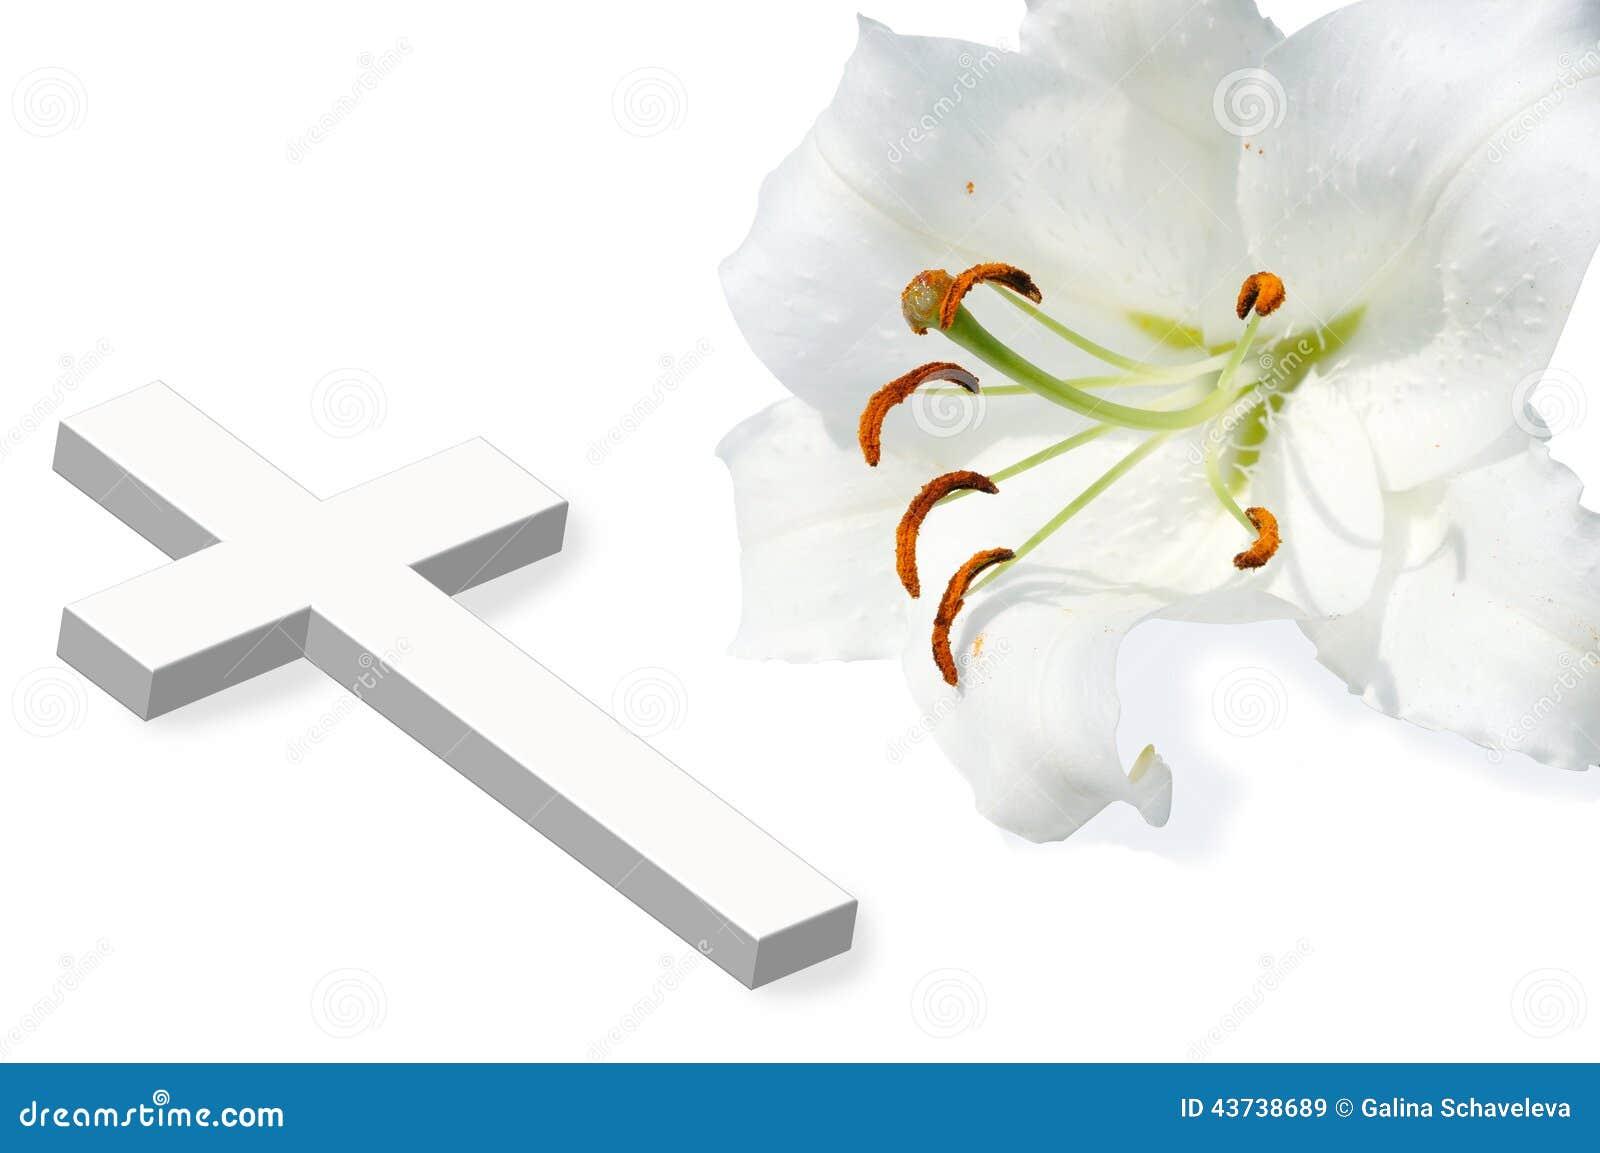 Η λευκιά Lili και λευκός σταυρός